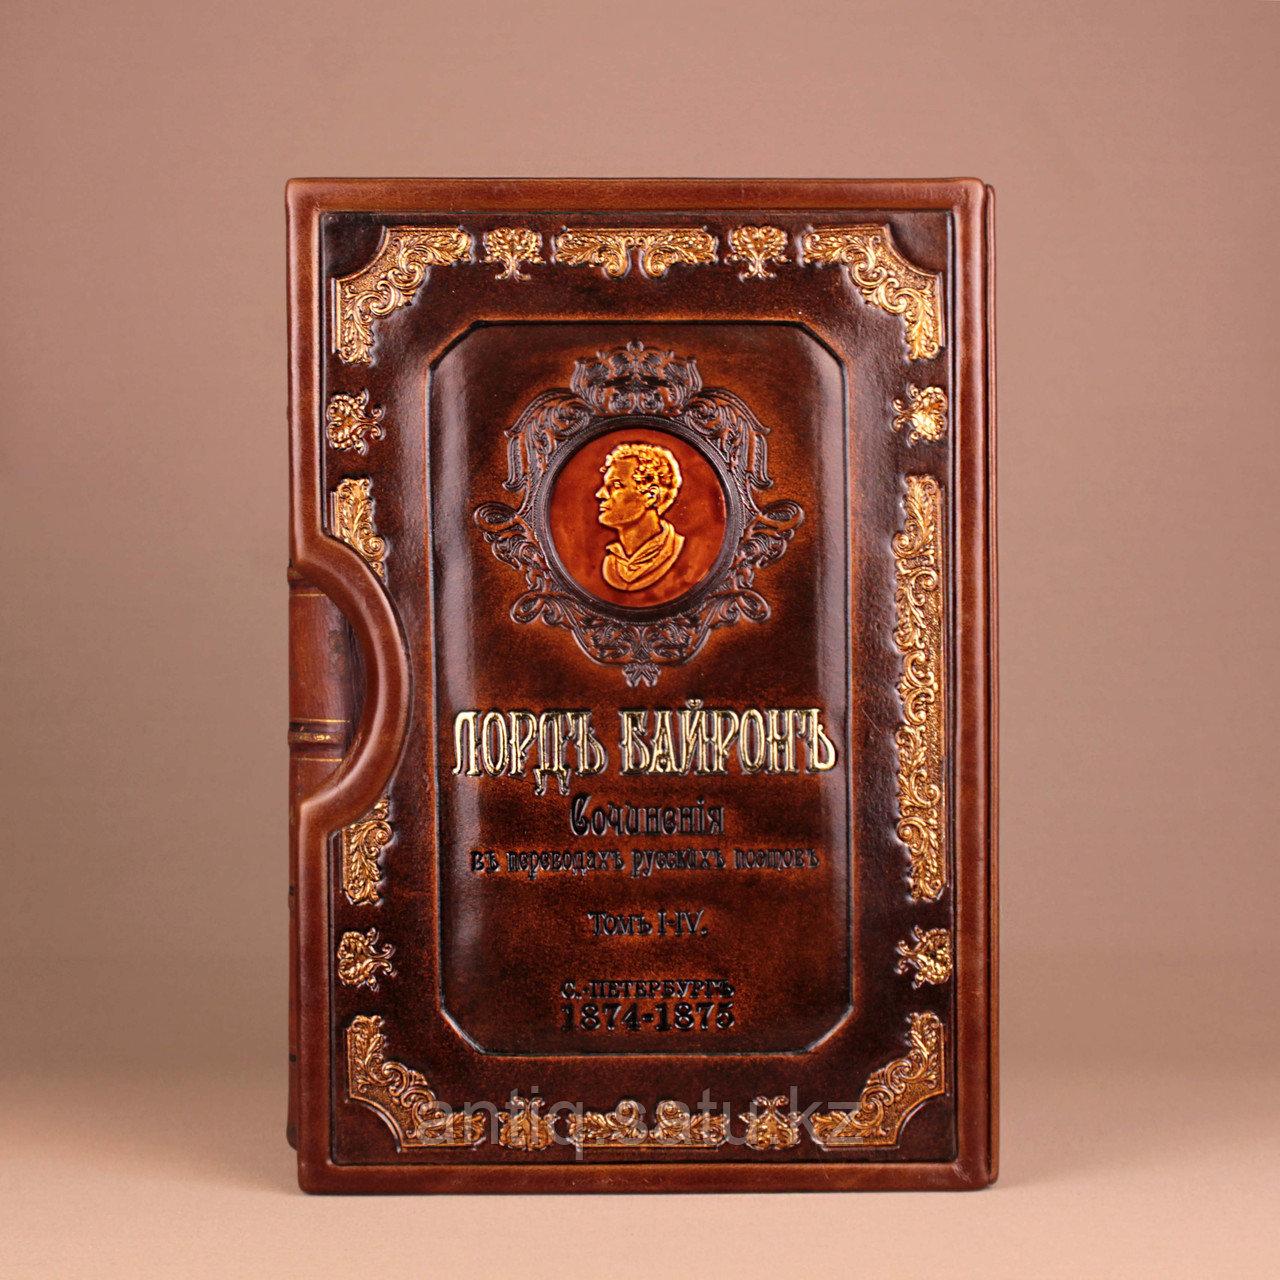 Сочинения Лорда Байрона. 4 тома. В подарочном кейсе - фото 1